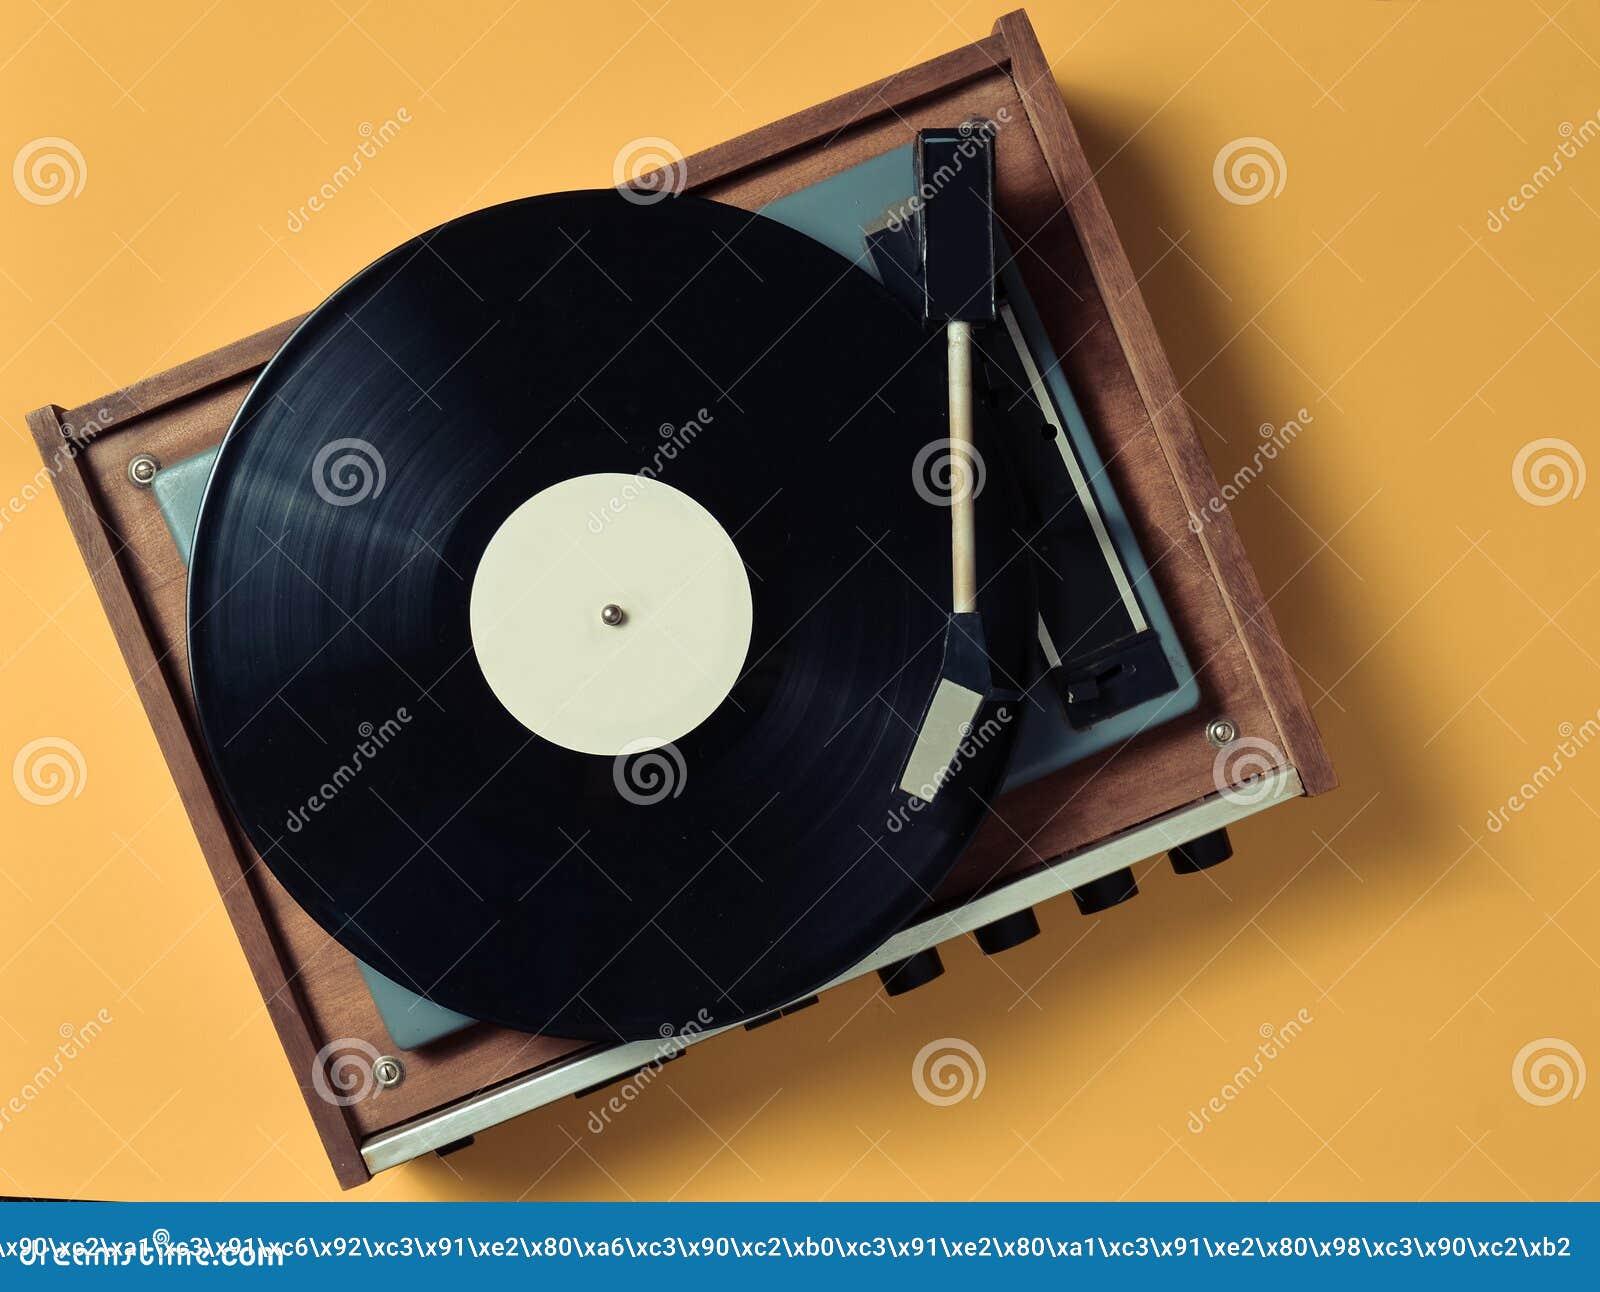 葡萄酒与乙烯基板材的乙烯基转盘在黄色淡色背景 听音乐 顶视图